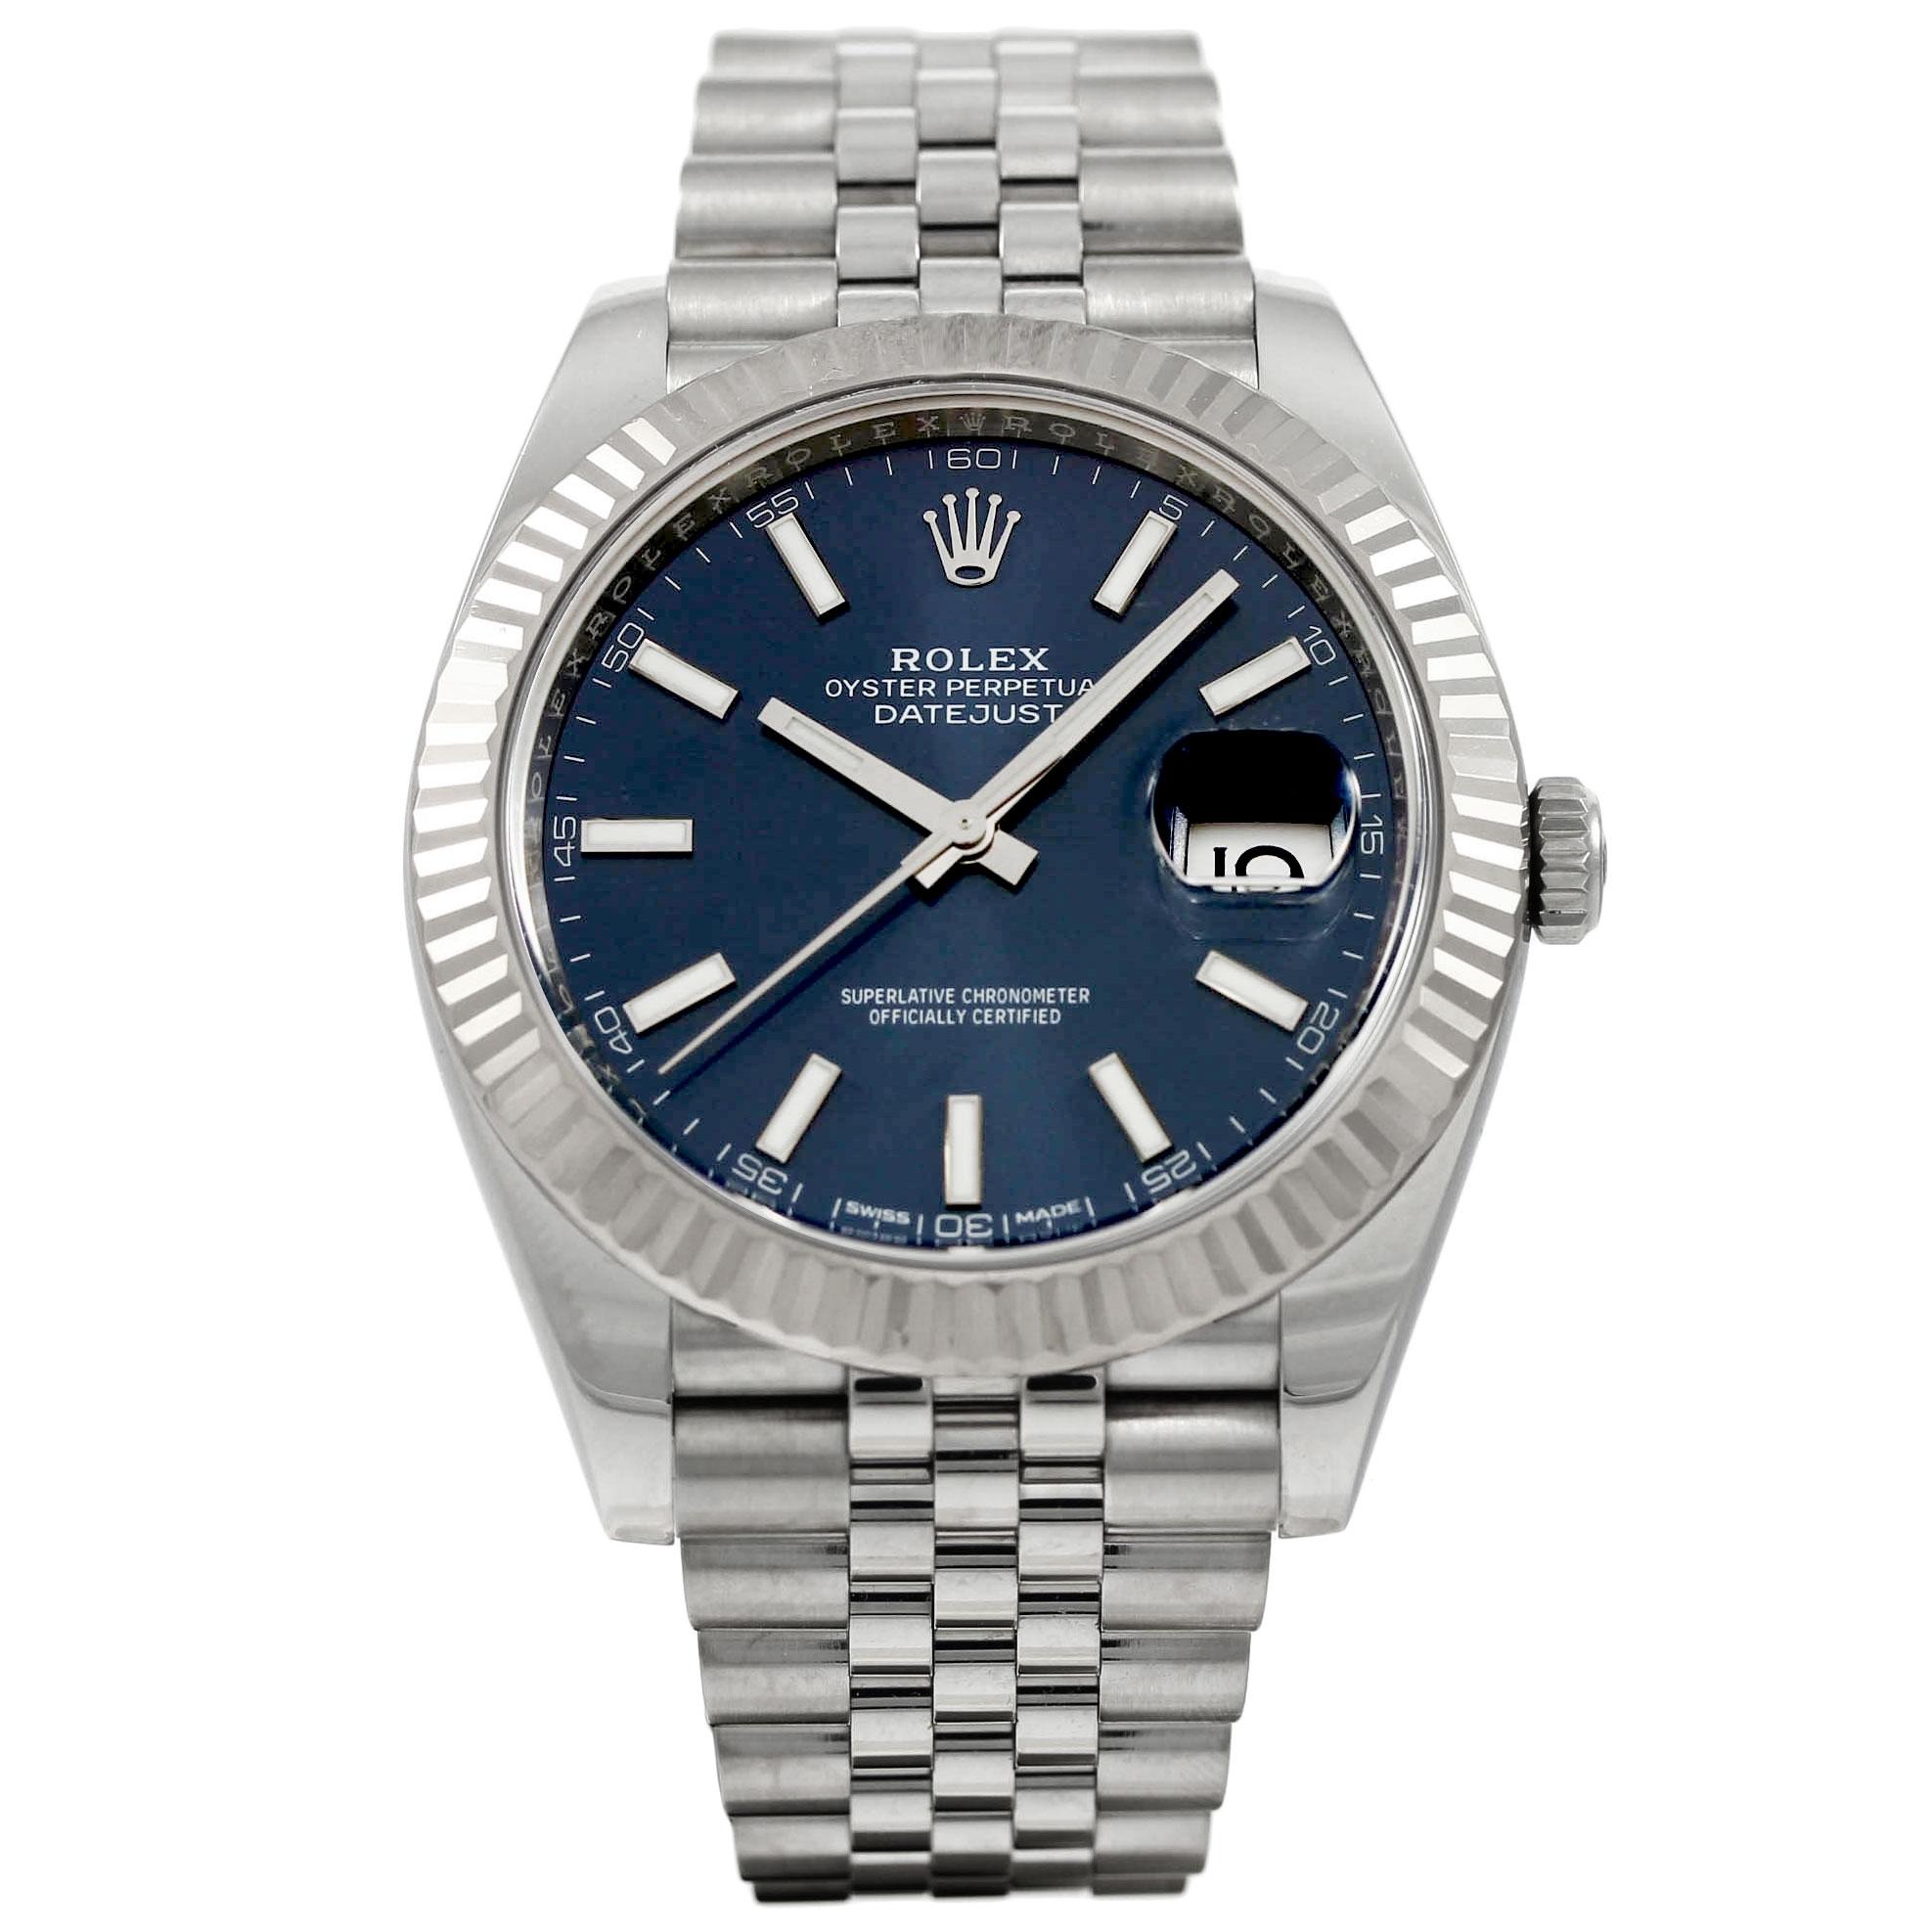 Rolex Datejust 41MM Blue Dial 126334 - Van Wonderen Watches